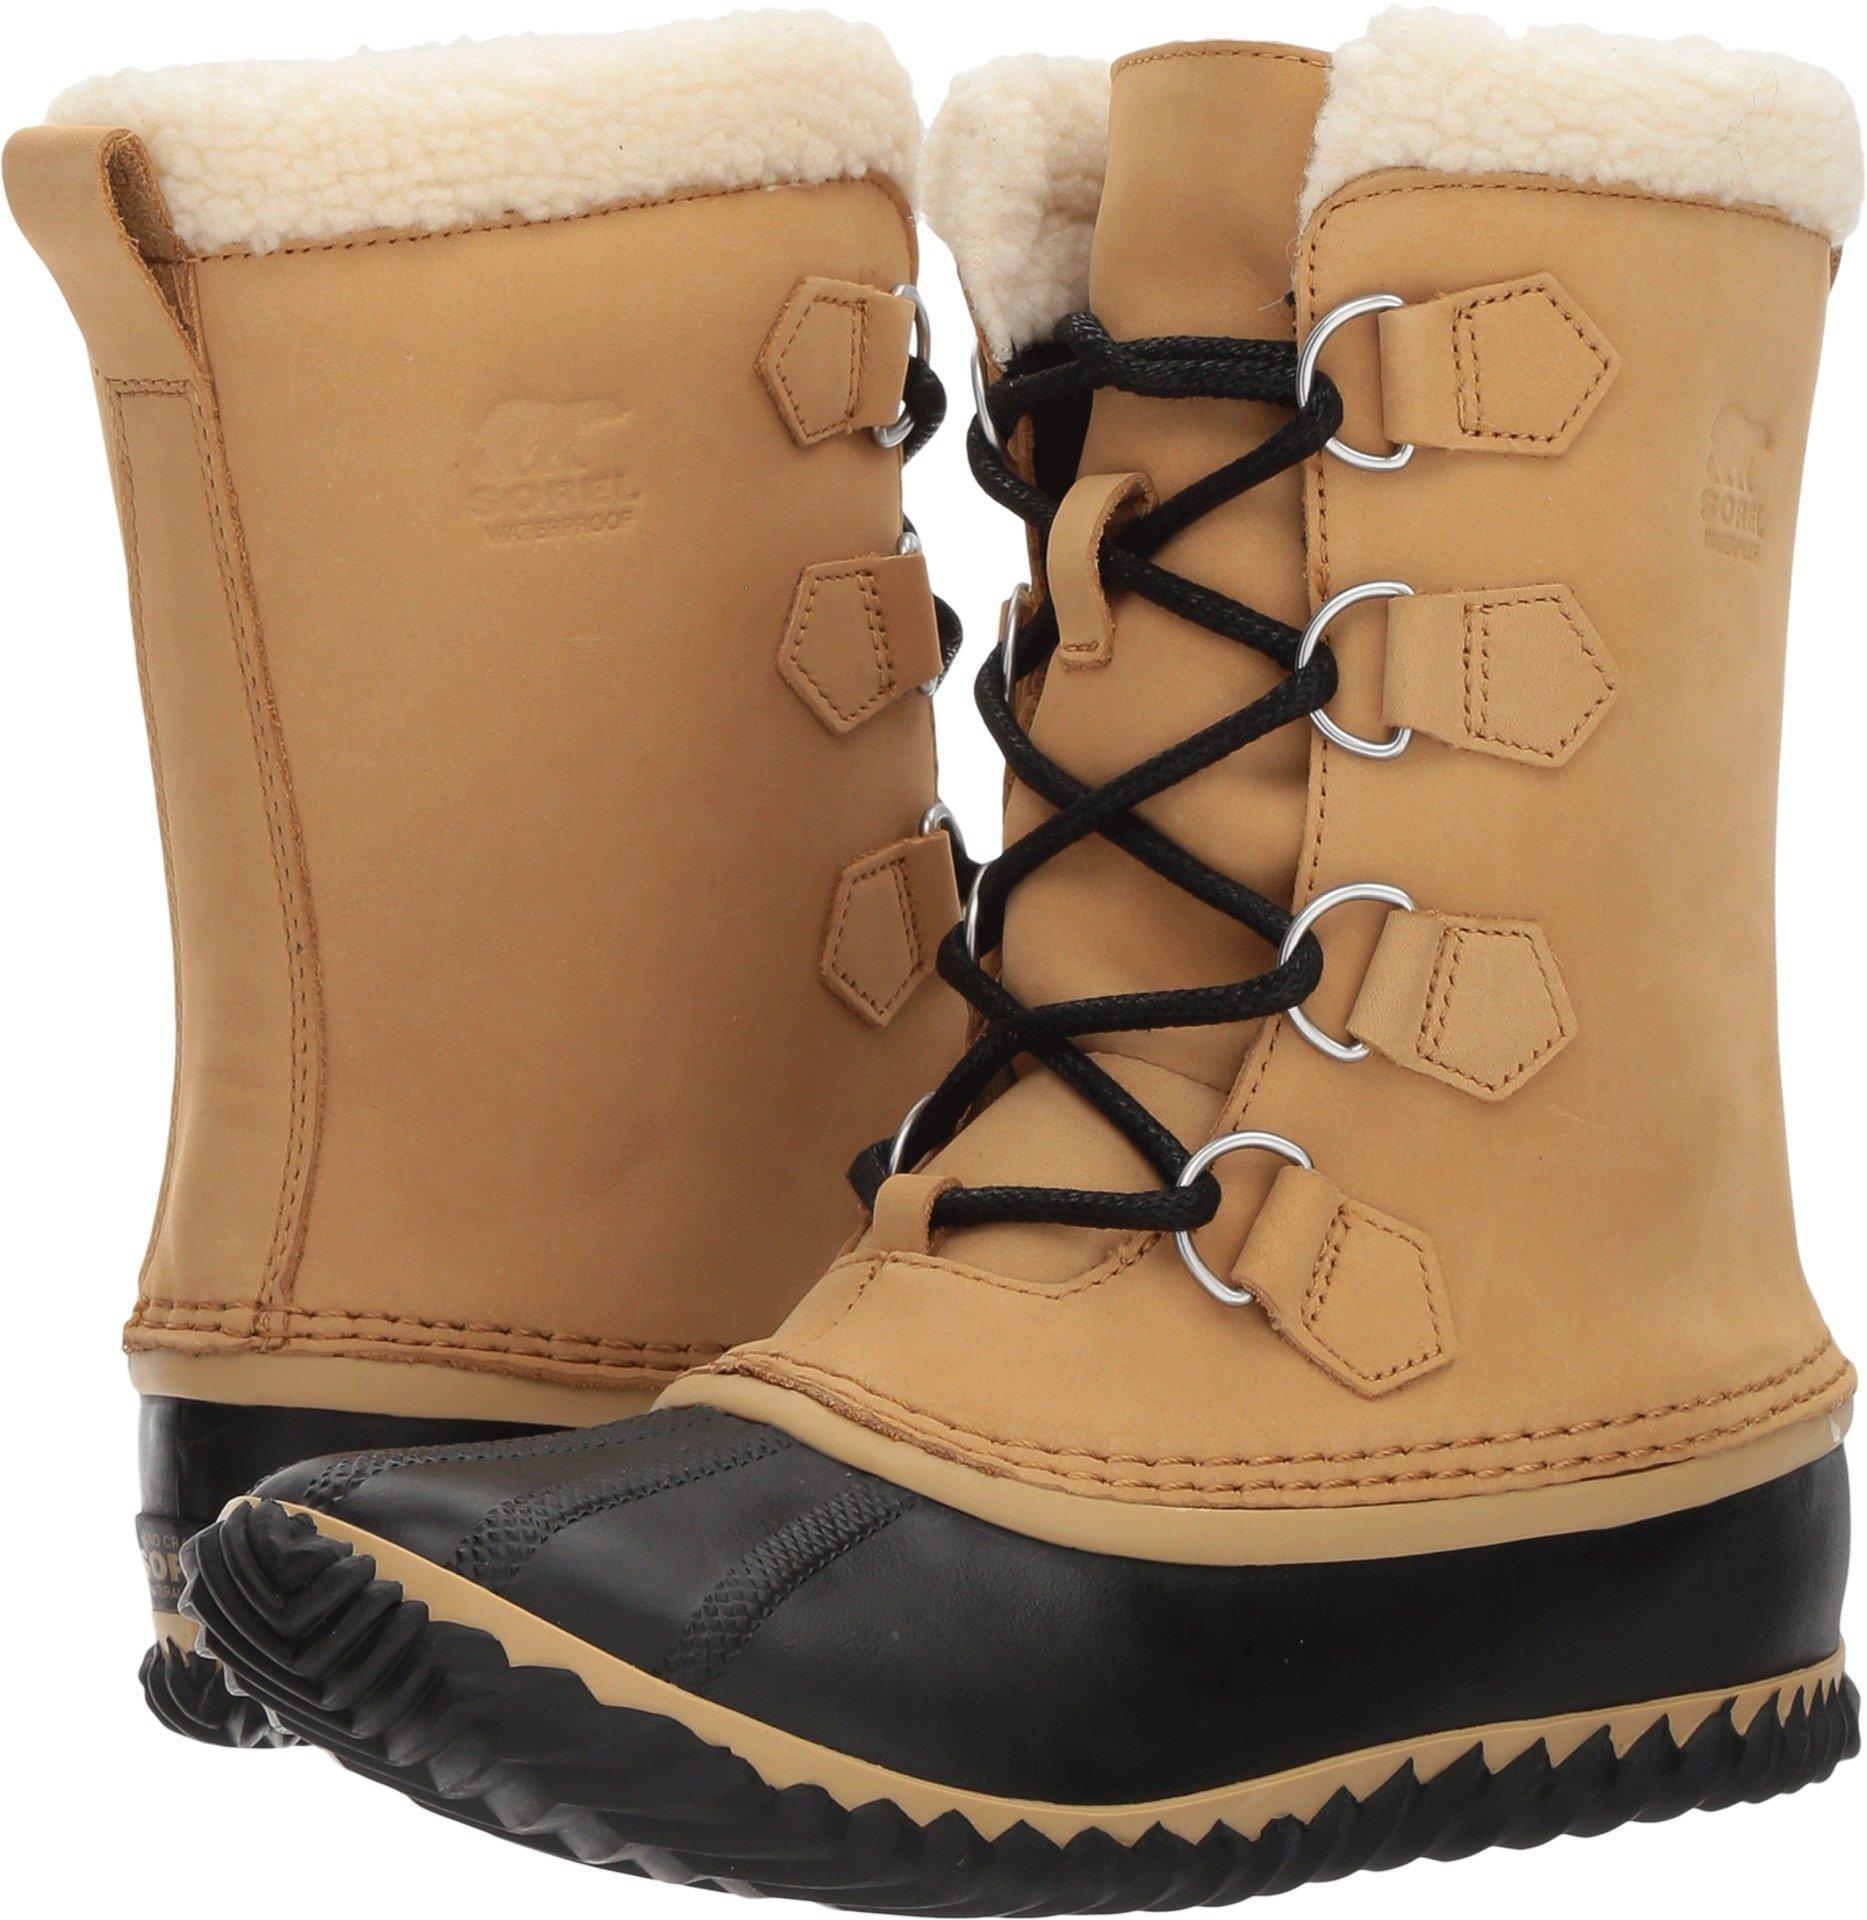 SOREL Women's Caribou Slim Rain Boot, Size: 8.5 B(M) US, Color Curry/Black